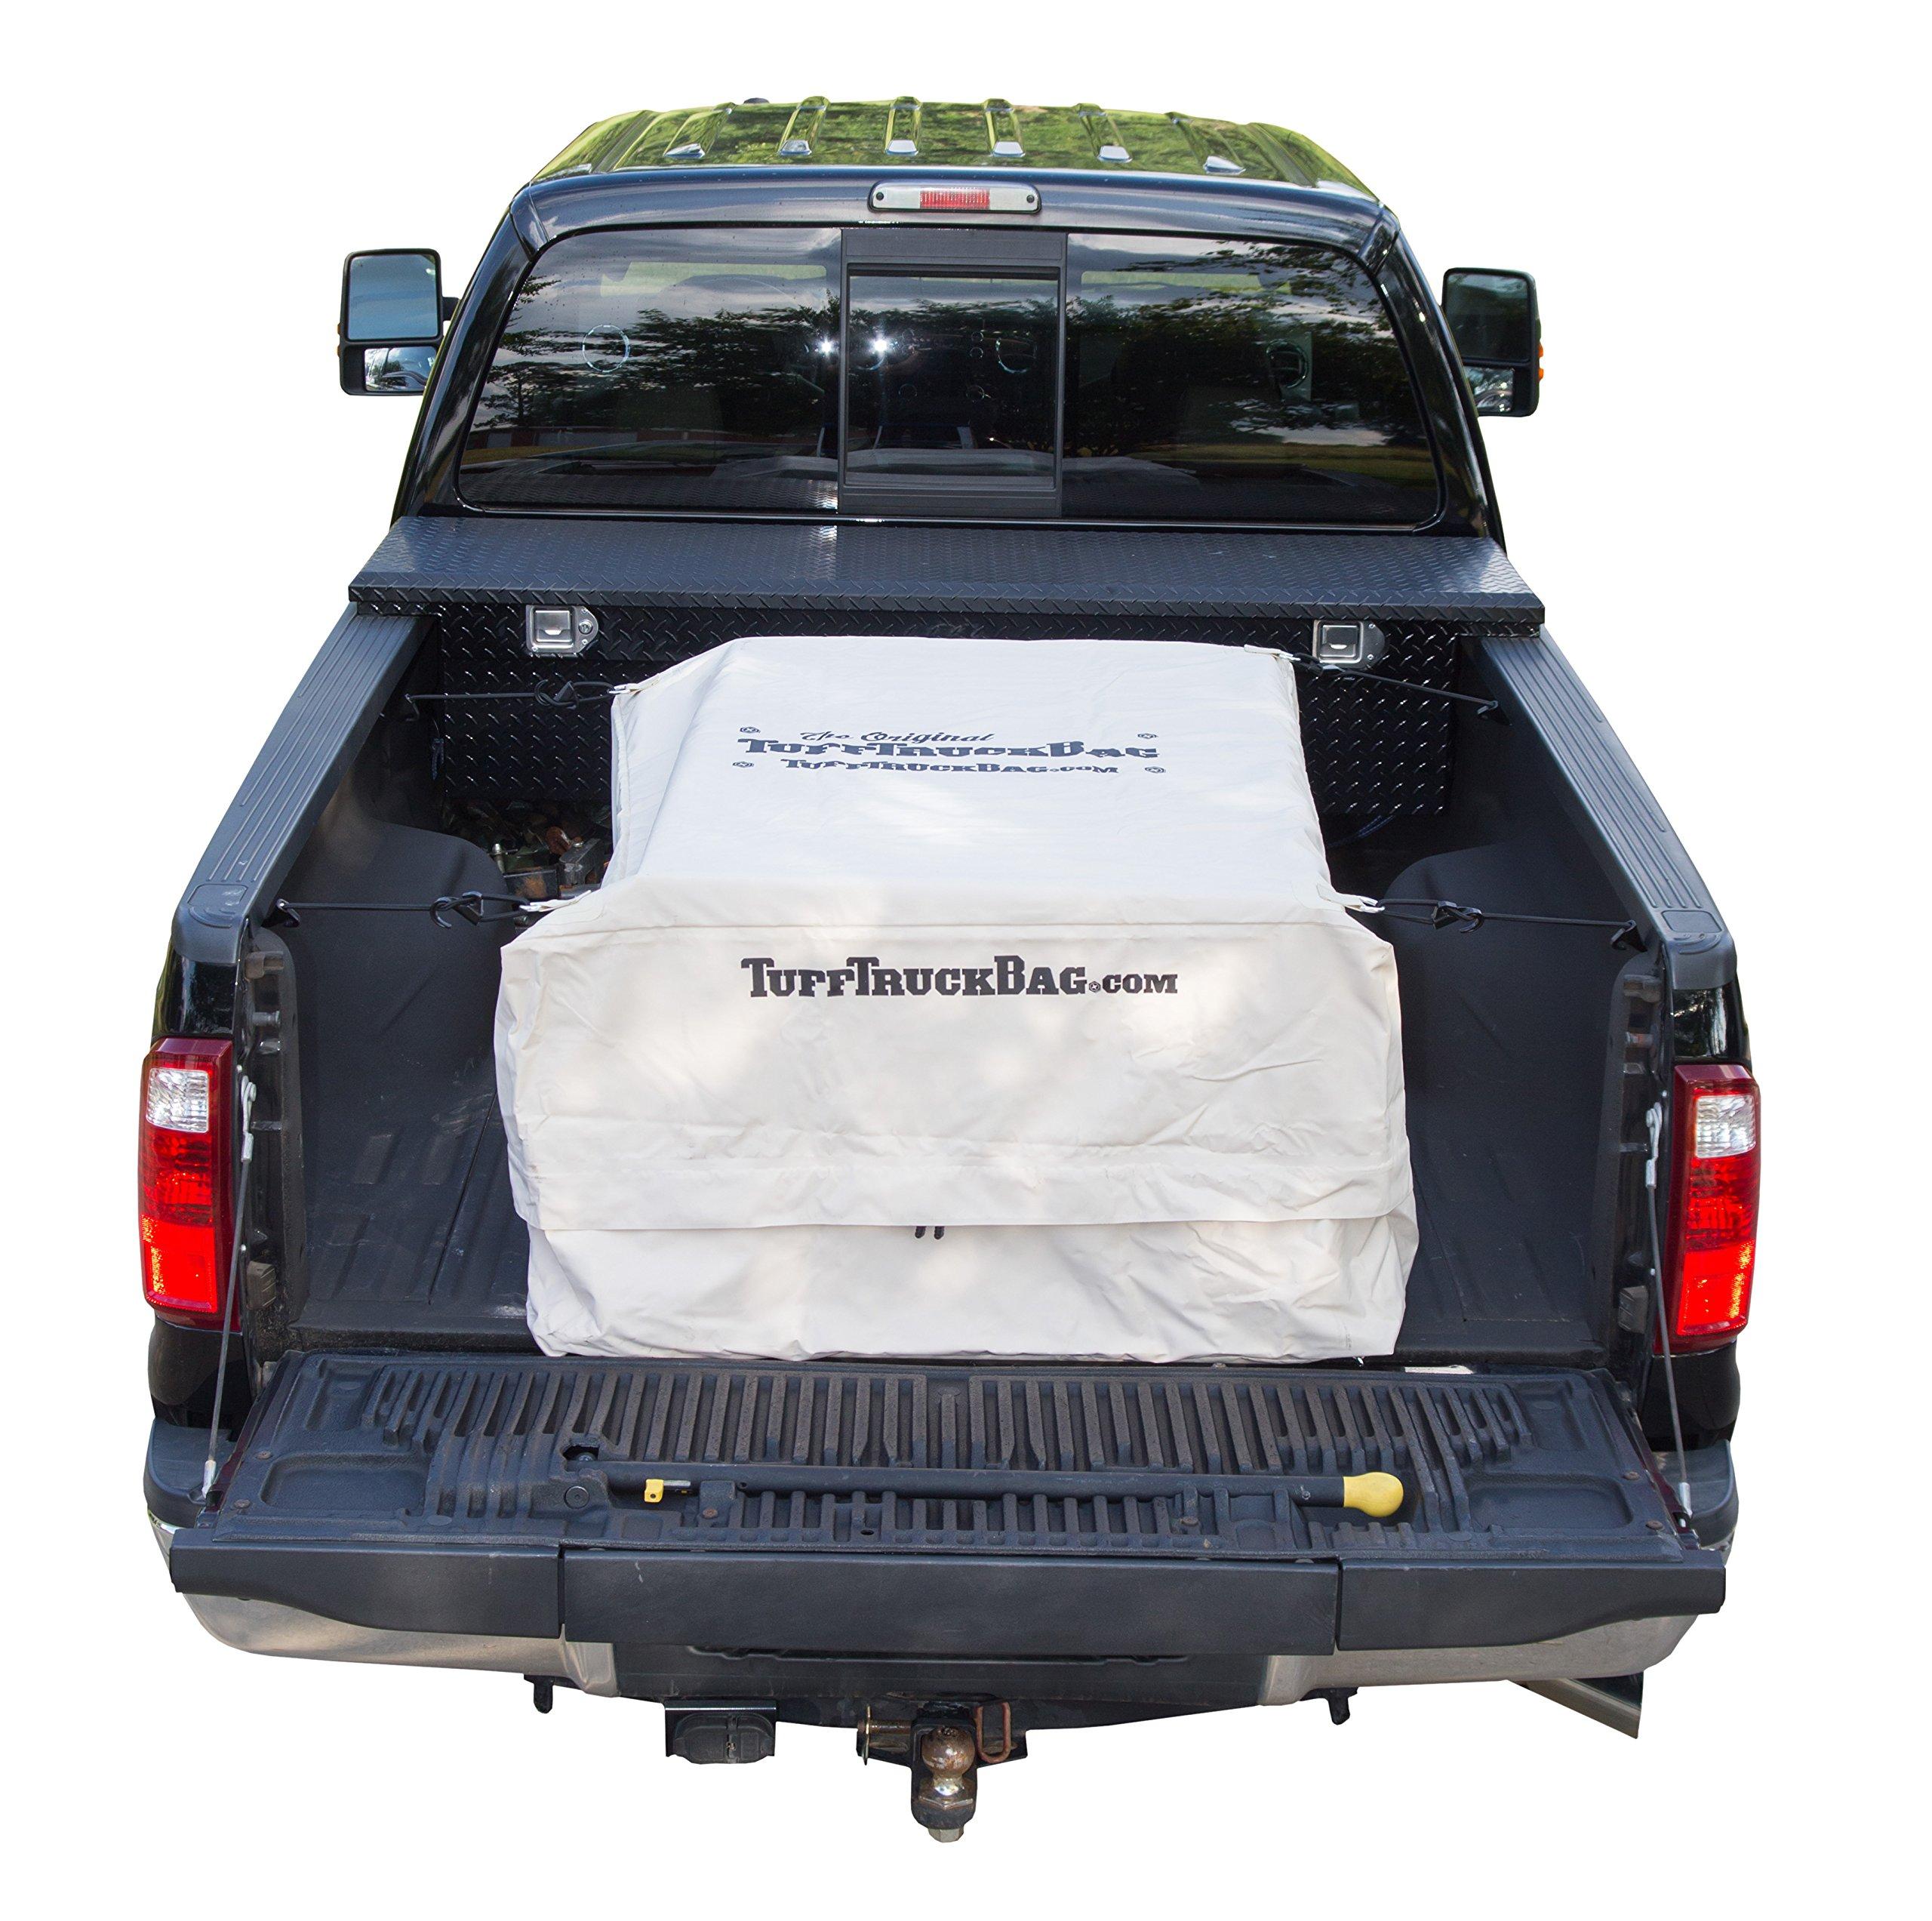 Tuff Truck Bag TTB-K Waterproof Truck Bed Cargo Bag, 40'' W x 50'' L x 22'' H, Khaki by Tuff Truck Bag